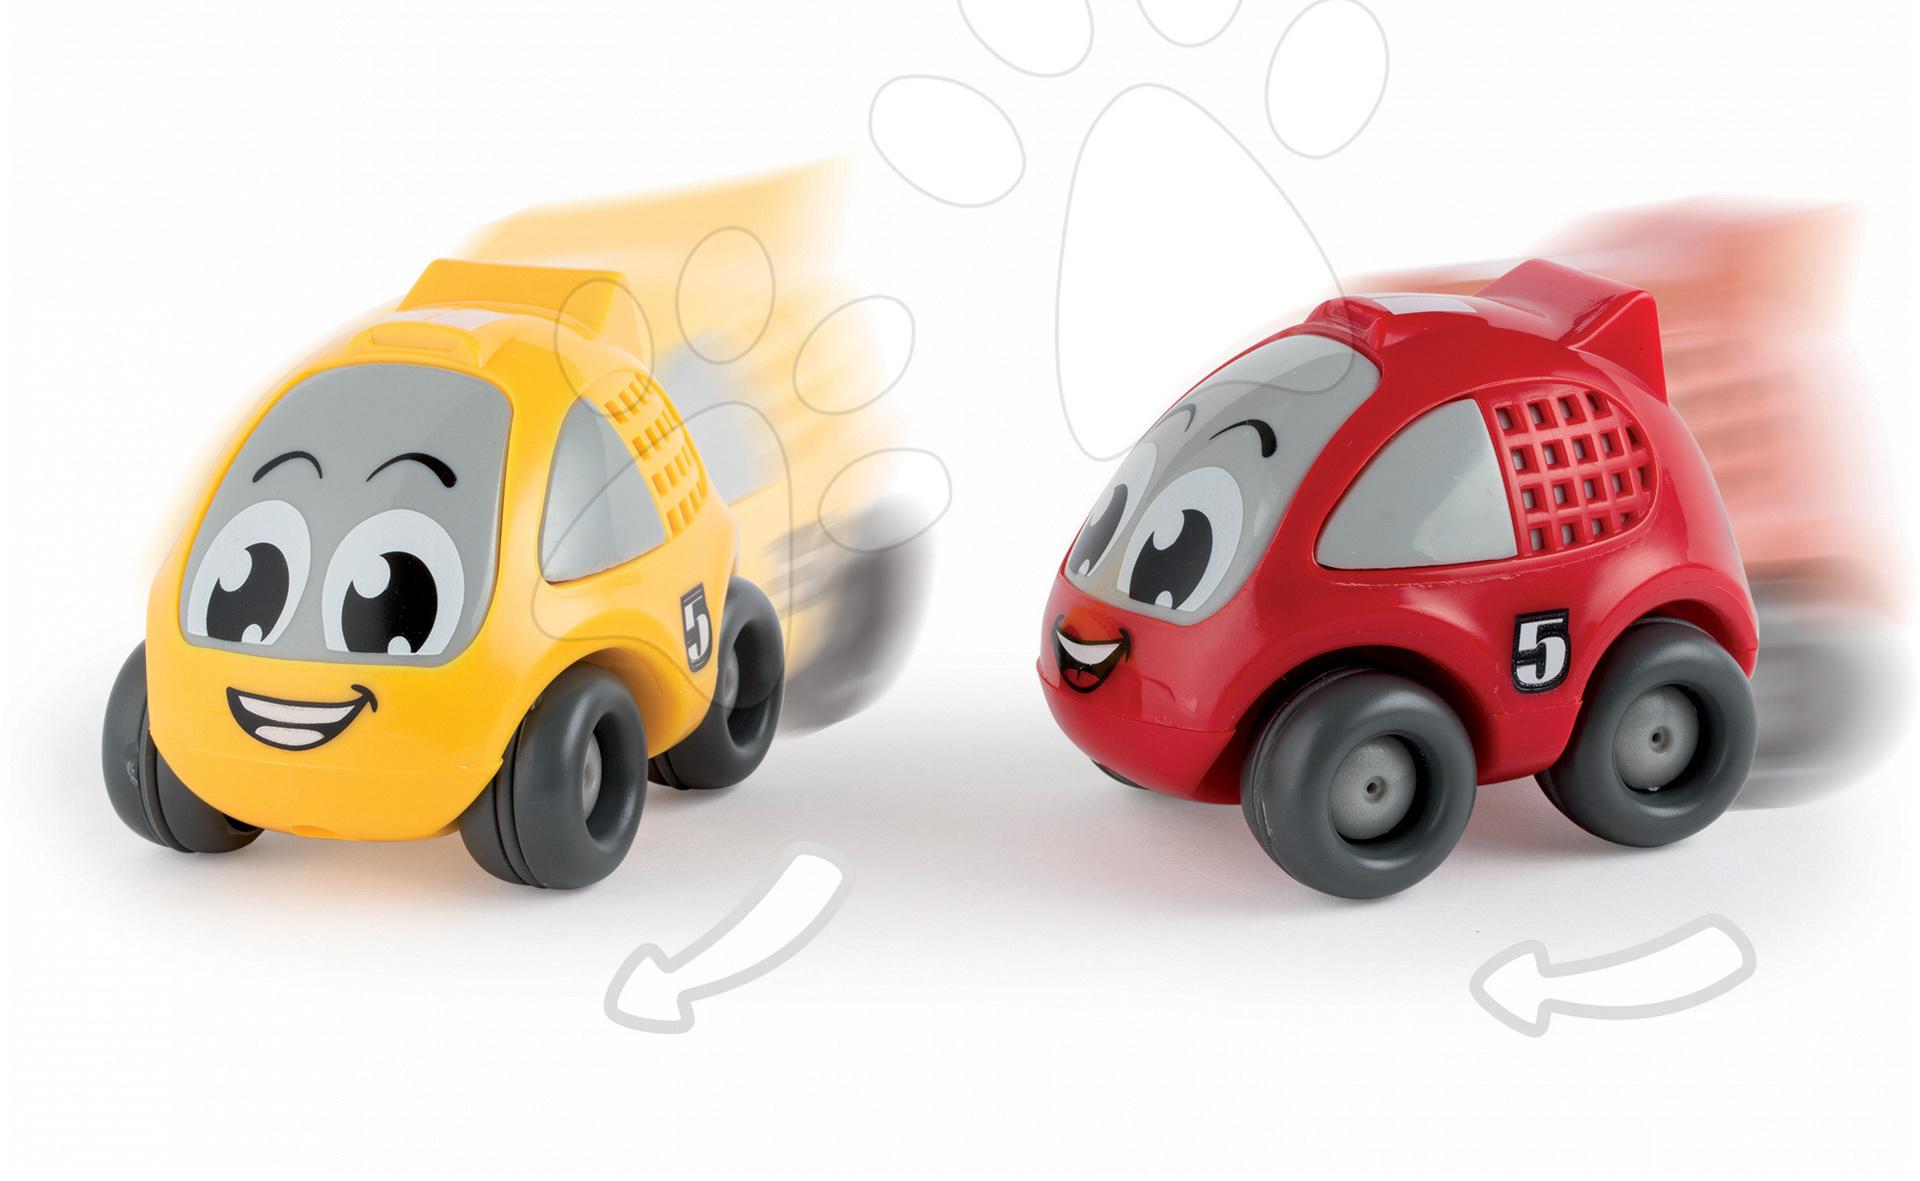 Autíčka - Pretekárske autíčko Vroom Planet Smoby naťahovacie dĺžka 8 cm červené/žlté od 12 mes